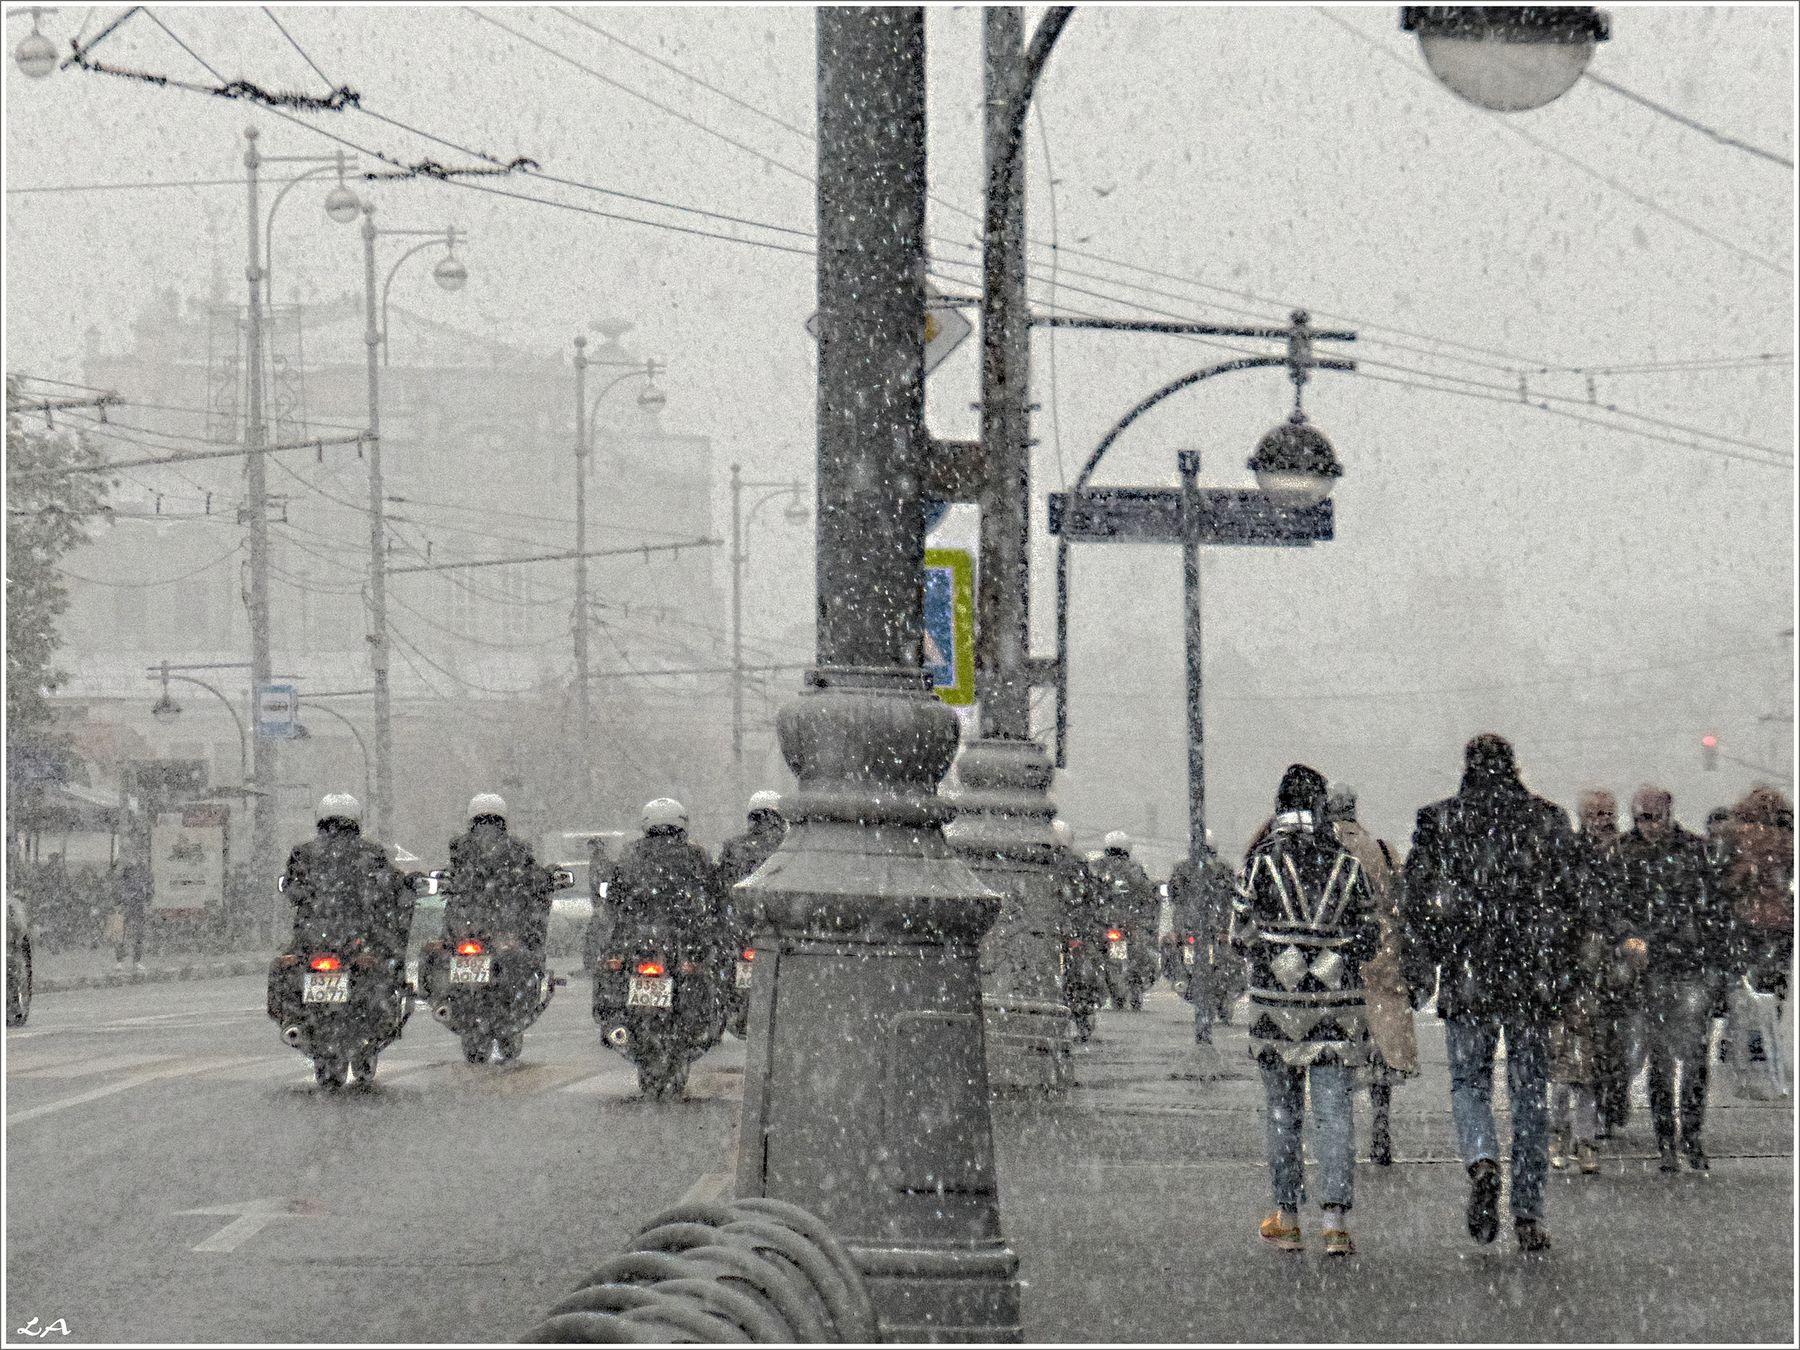 *Осенний снегопад в столице* путешествия осень снегопад Москва улица Фото.Сайт Светлана Мамакина Lihgra Adventure